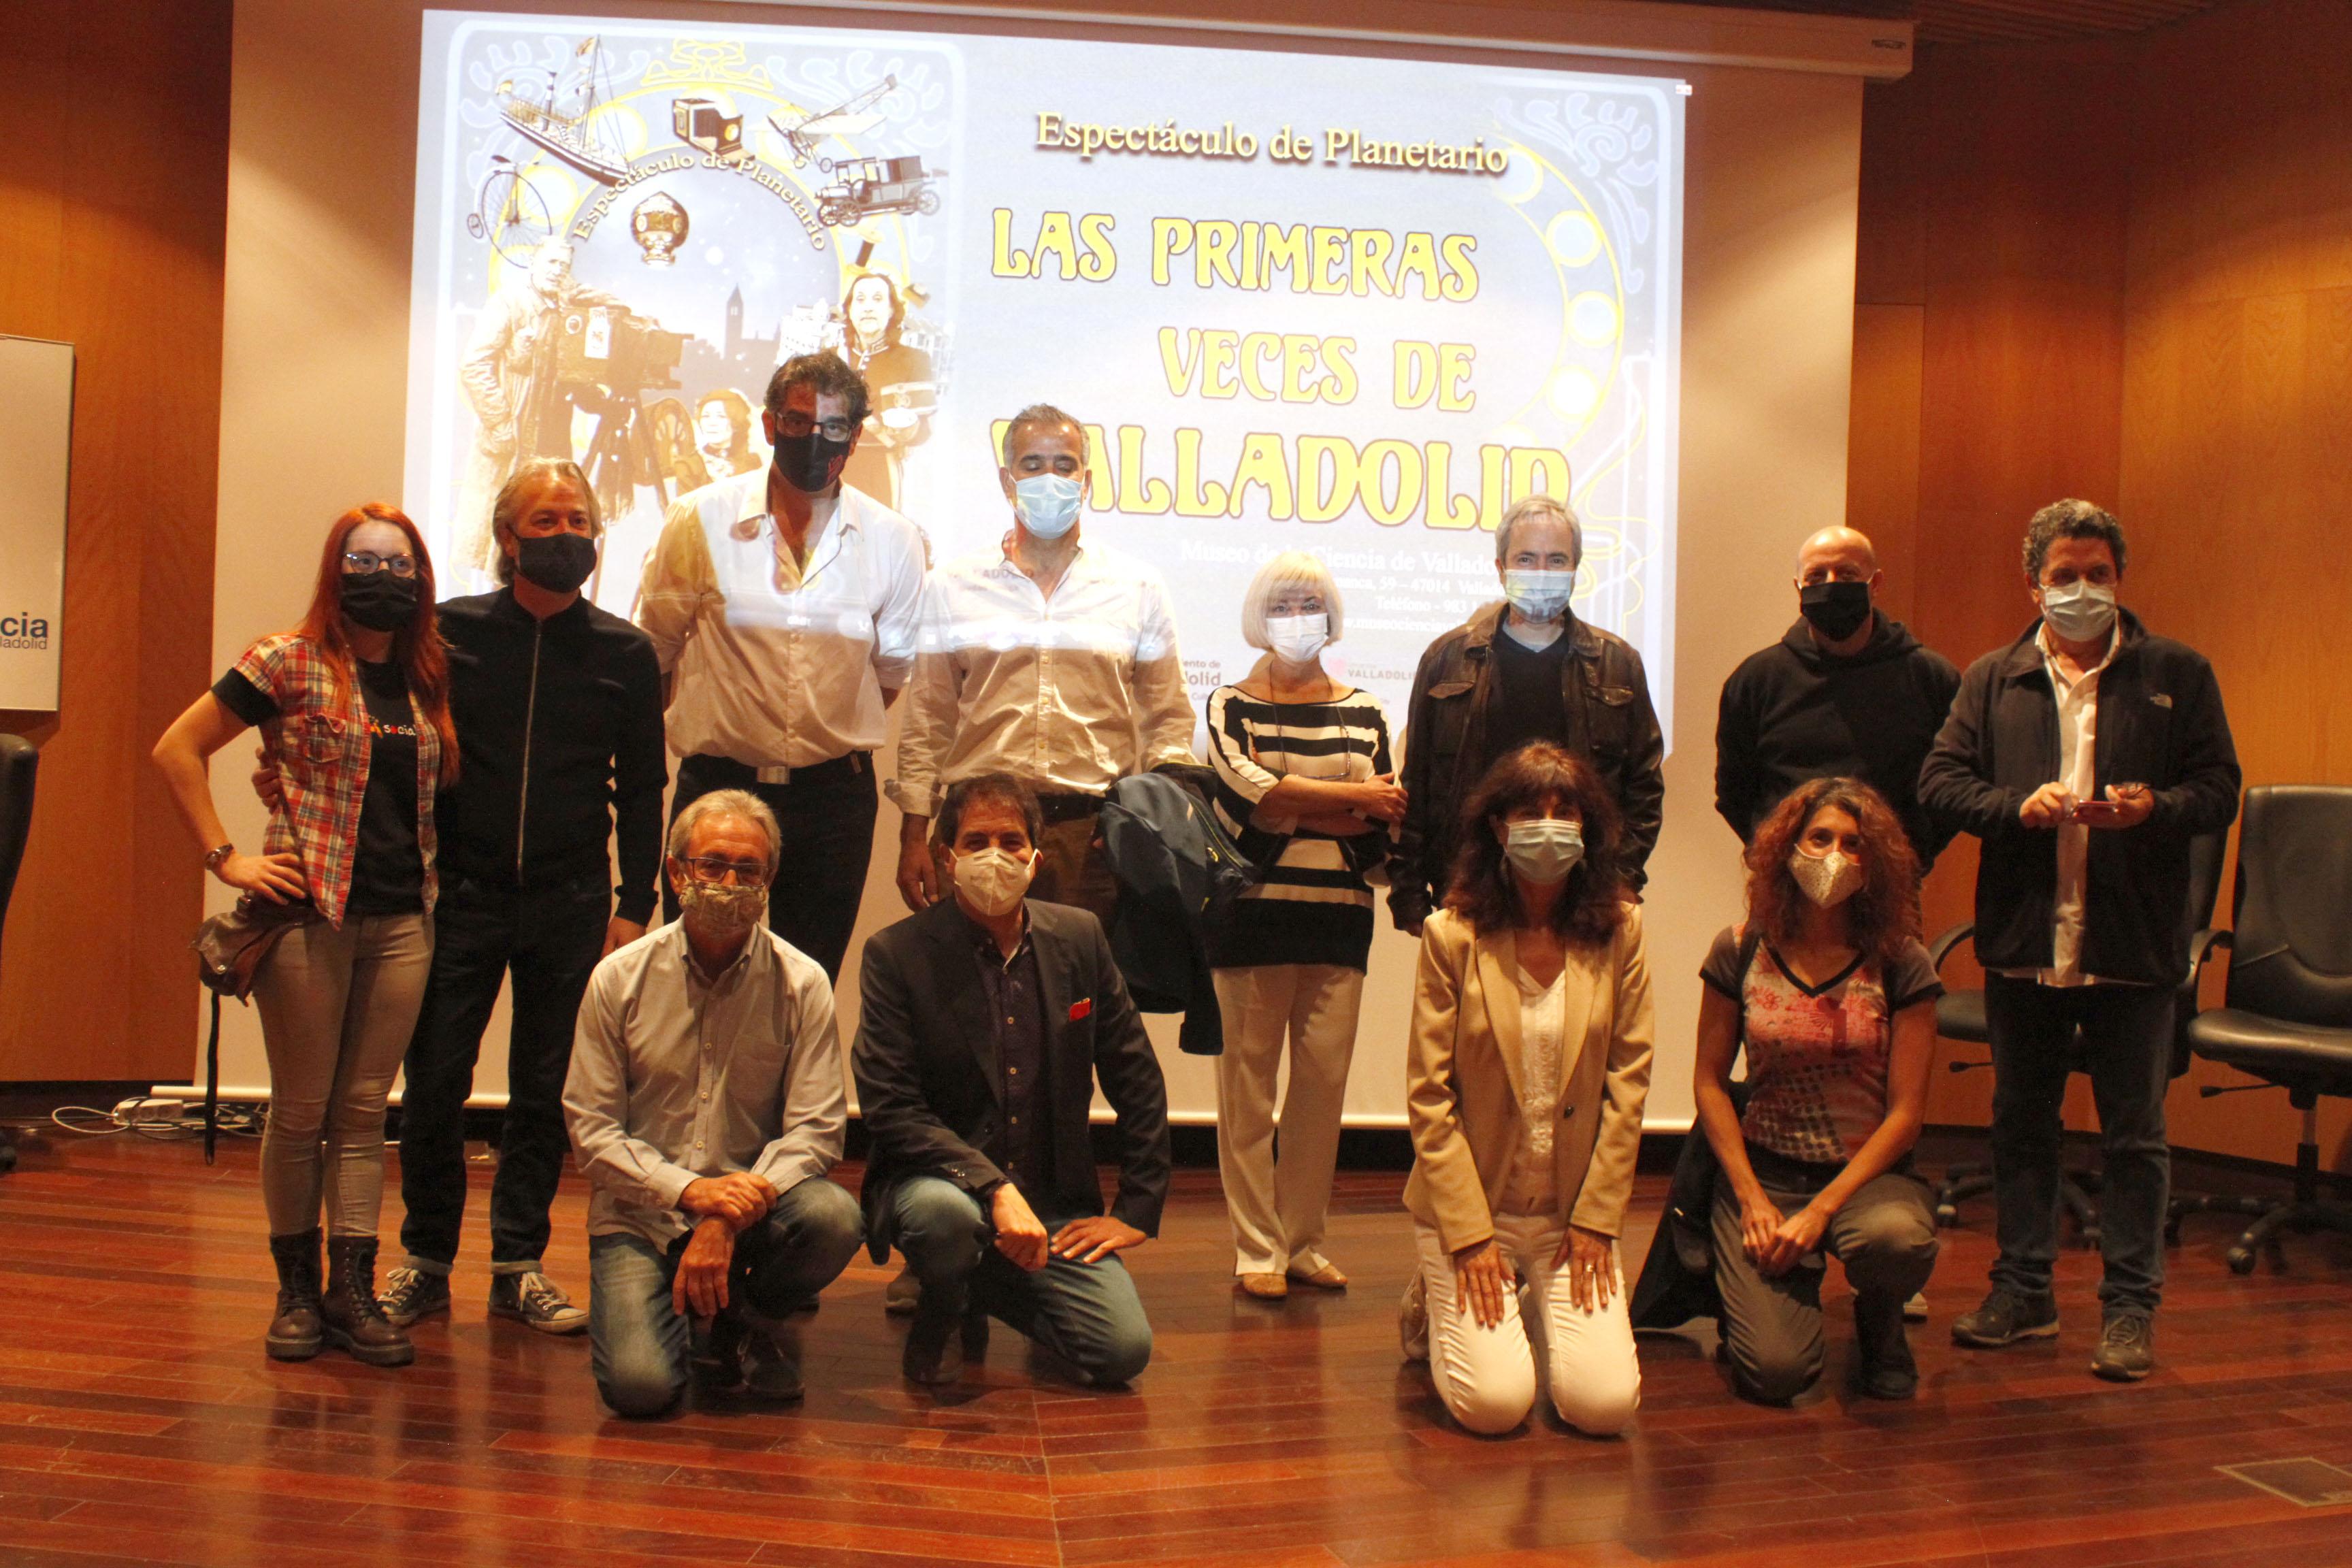 Foto de equipo de trabajo del programa 'Las primeras veces de Valladolid'